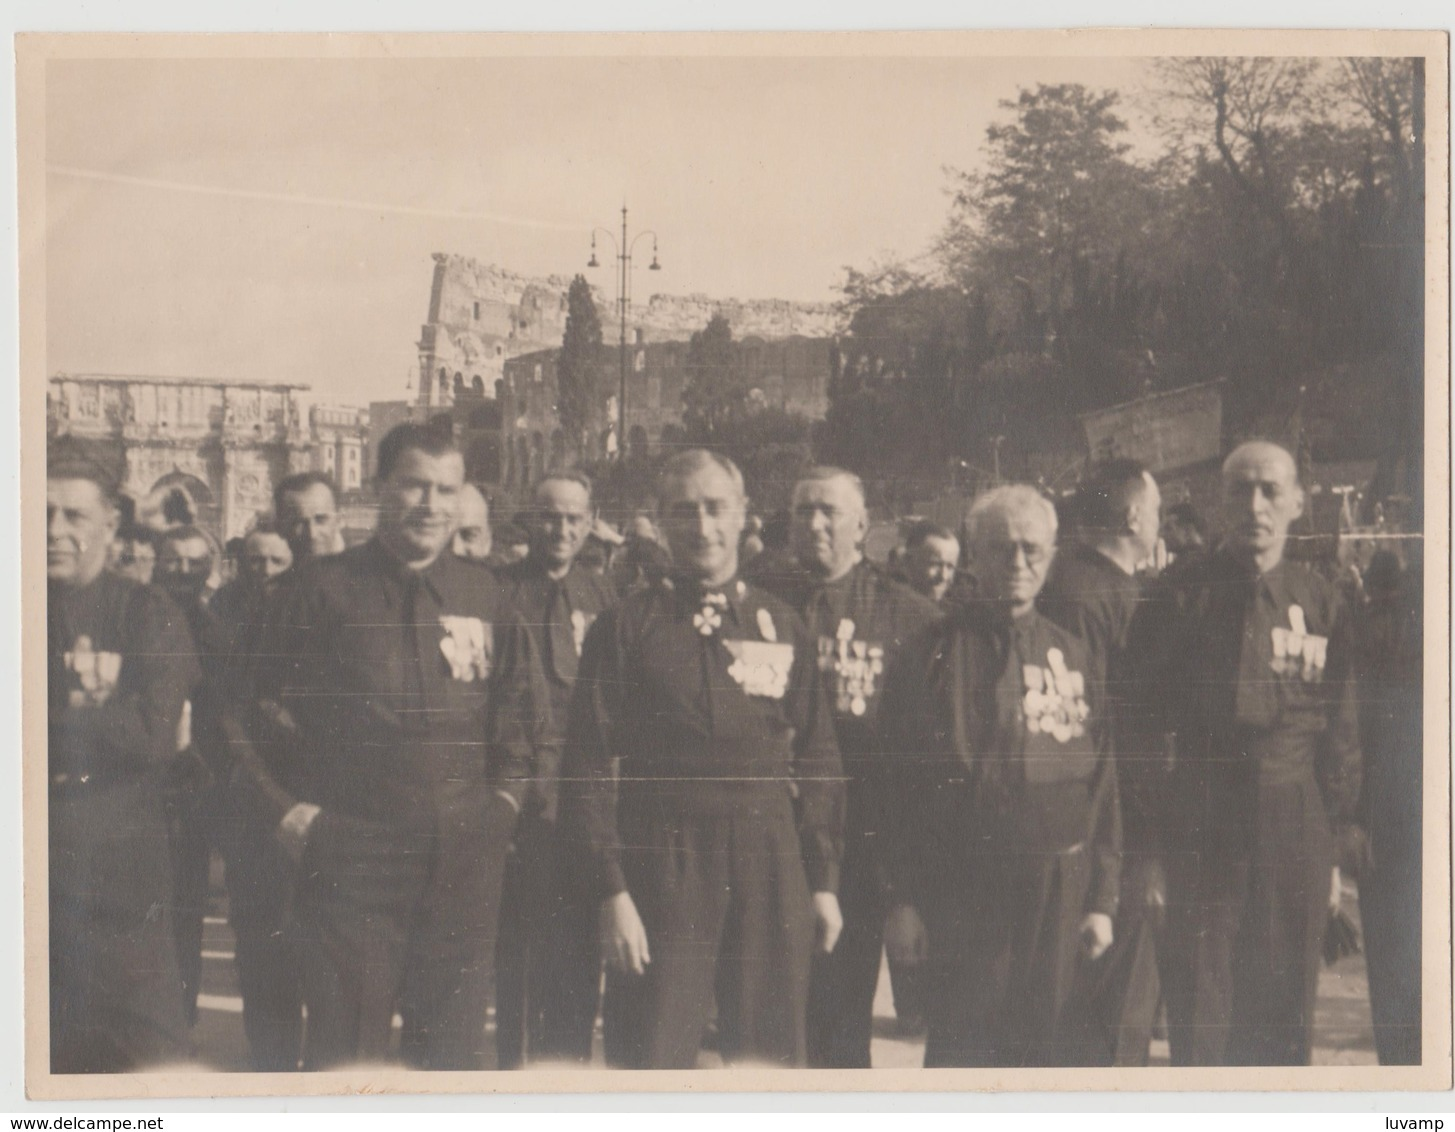 ROMA ADUNATA NASTRO AZZURRO -28 OTTOBRE 1933 -FOTO ORIGINALE (50119) - Persone Identificate